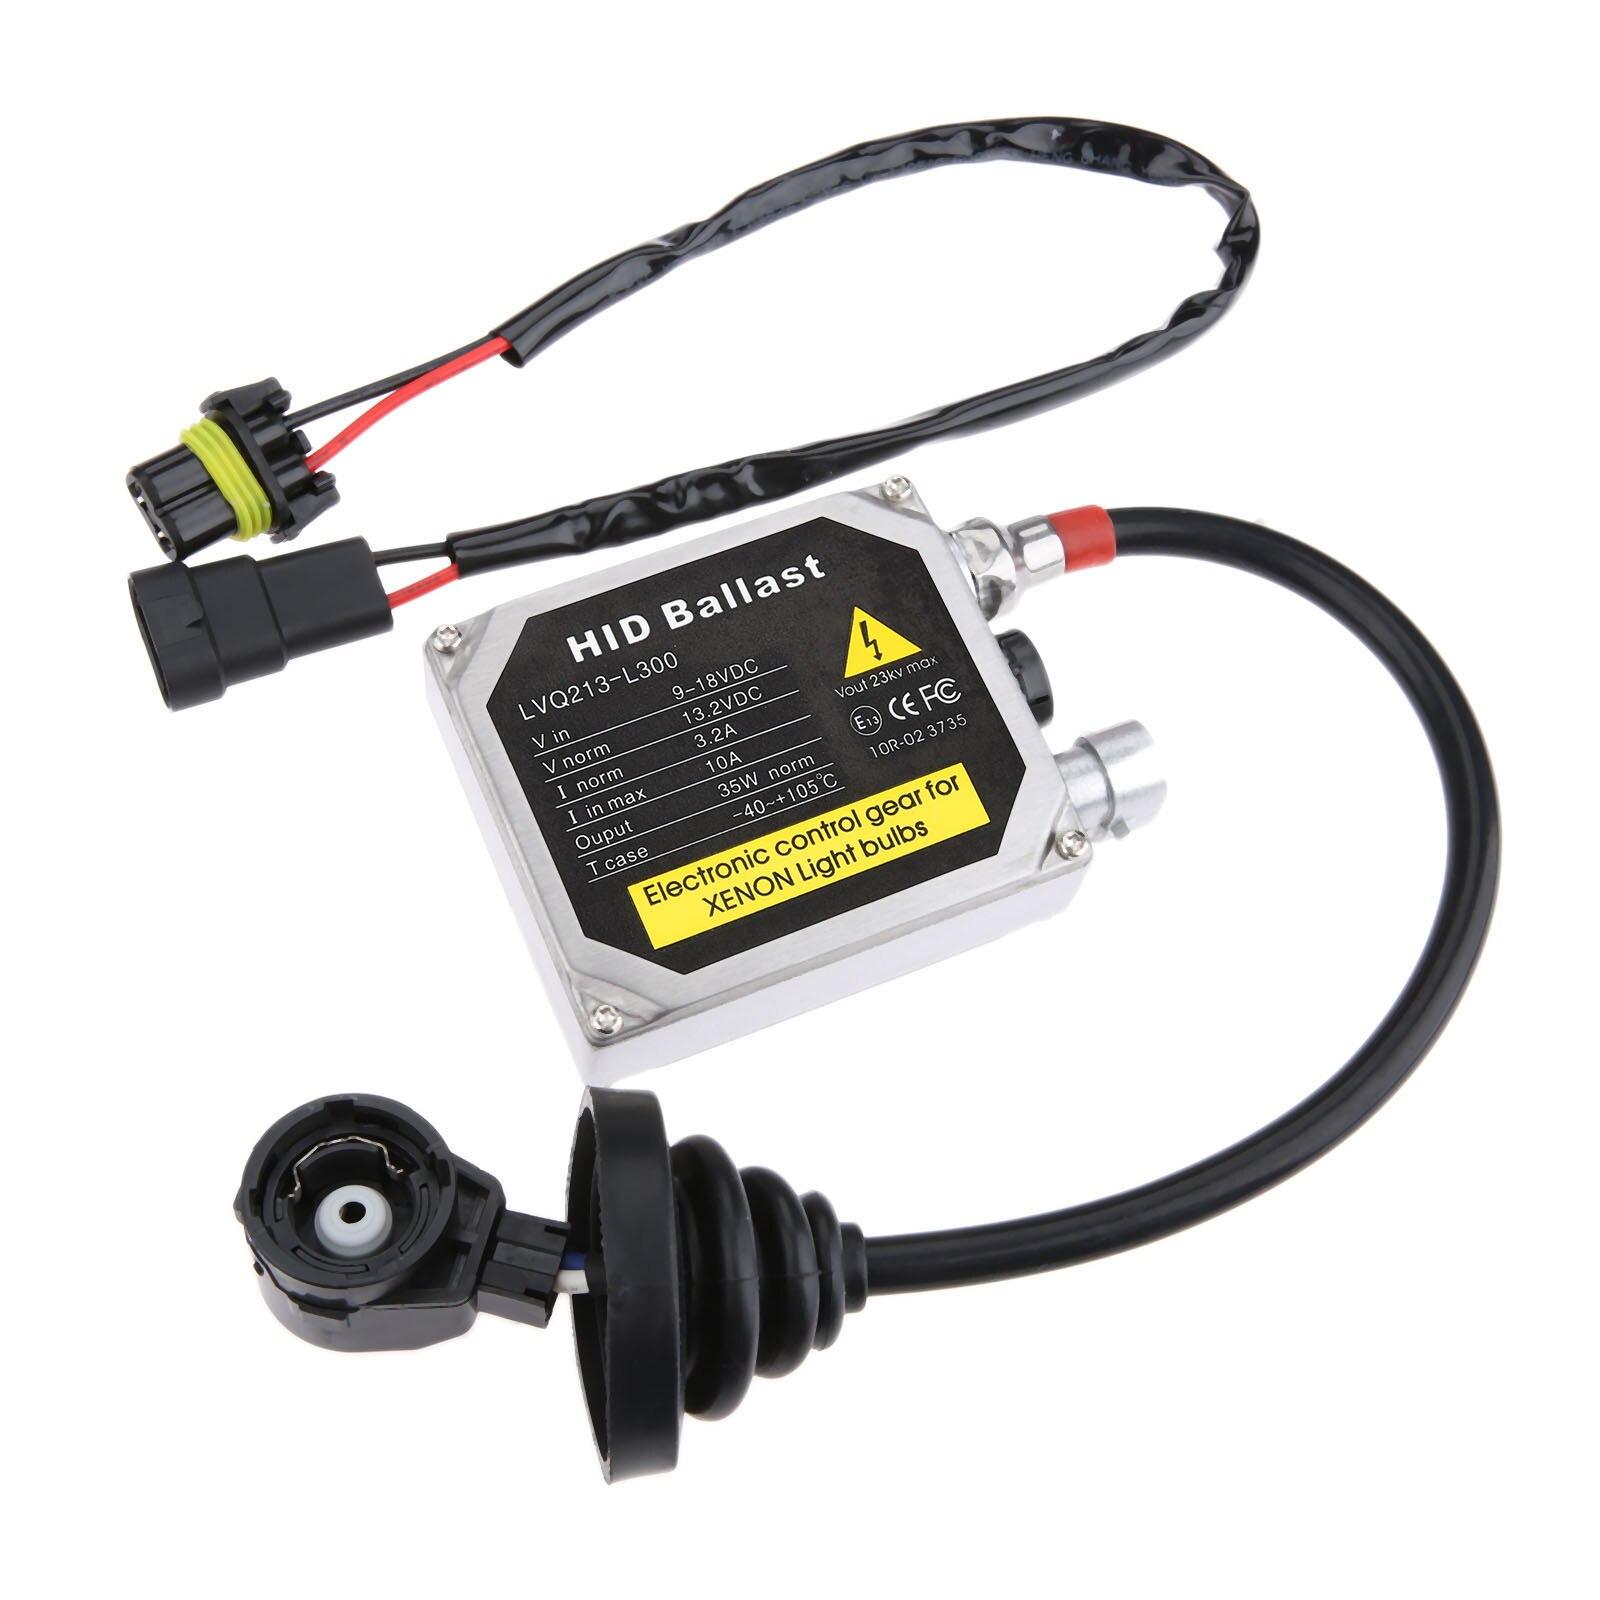 Xenon HID Headlight Ballast Controller Igniter 5DV007760-05 63128386708 921903F100 90565932 For BMW X5 E53 KIA Opirus GH Opel